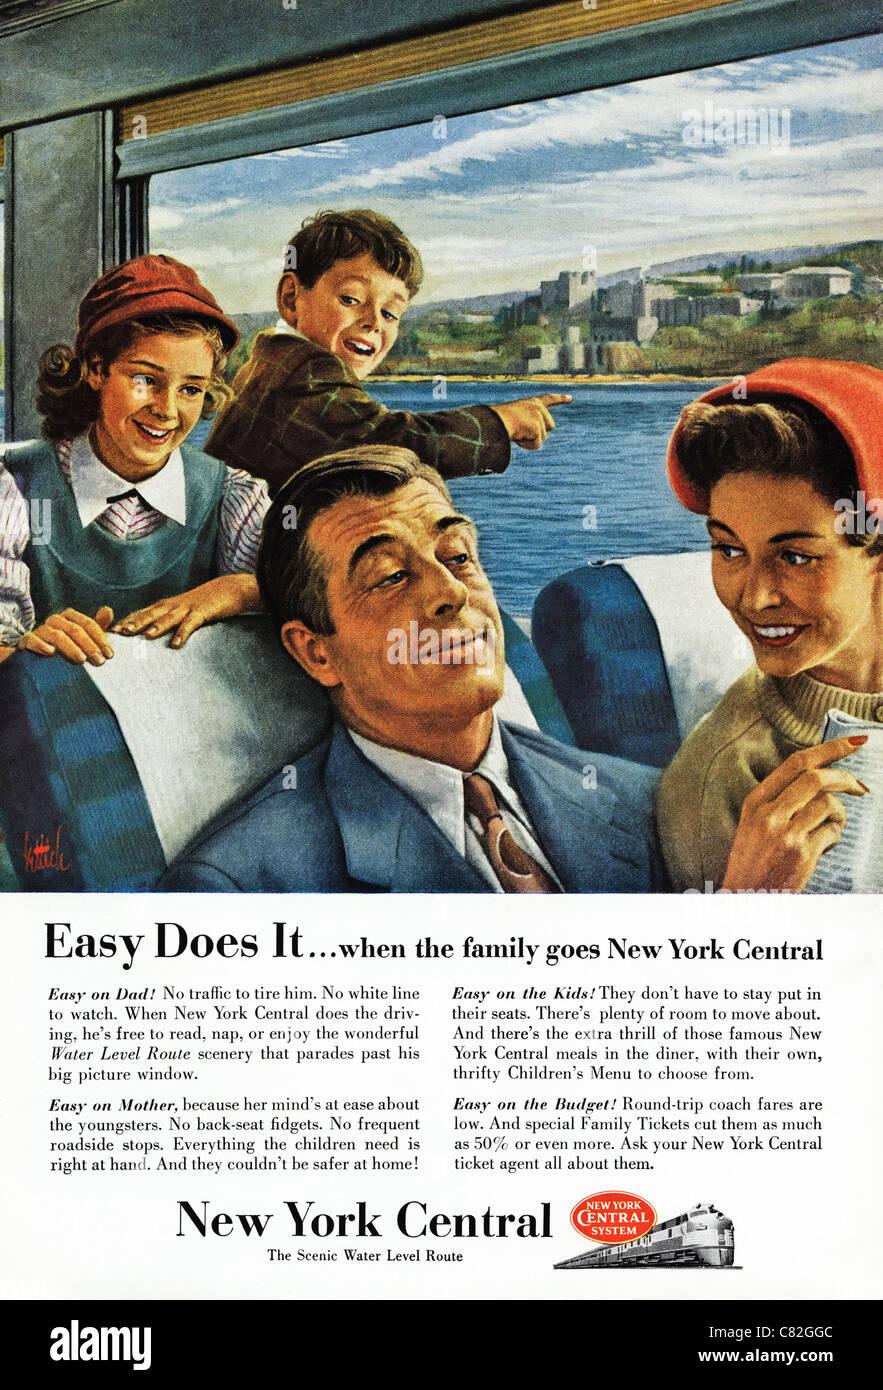 Publicité dans un magazine américain vers 1954 publicité voyage en famille sur NEW YORK CENTRAL RAILWAY Photo Stock